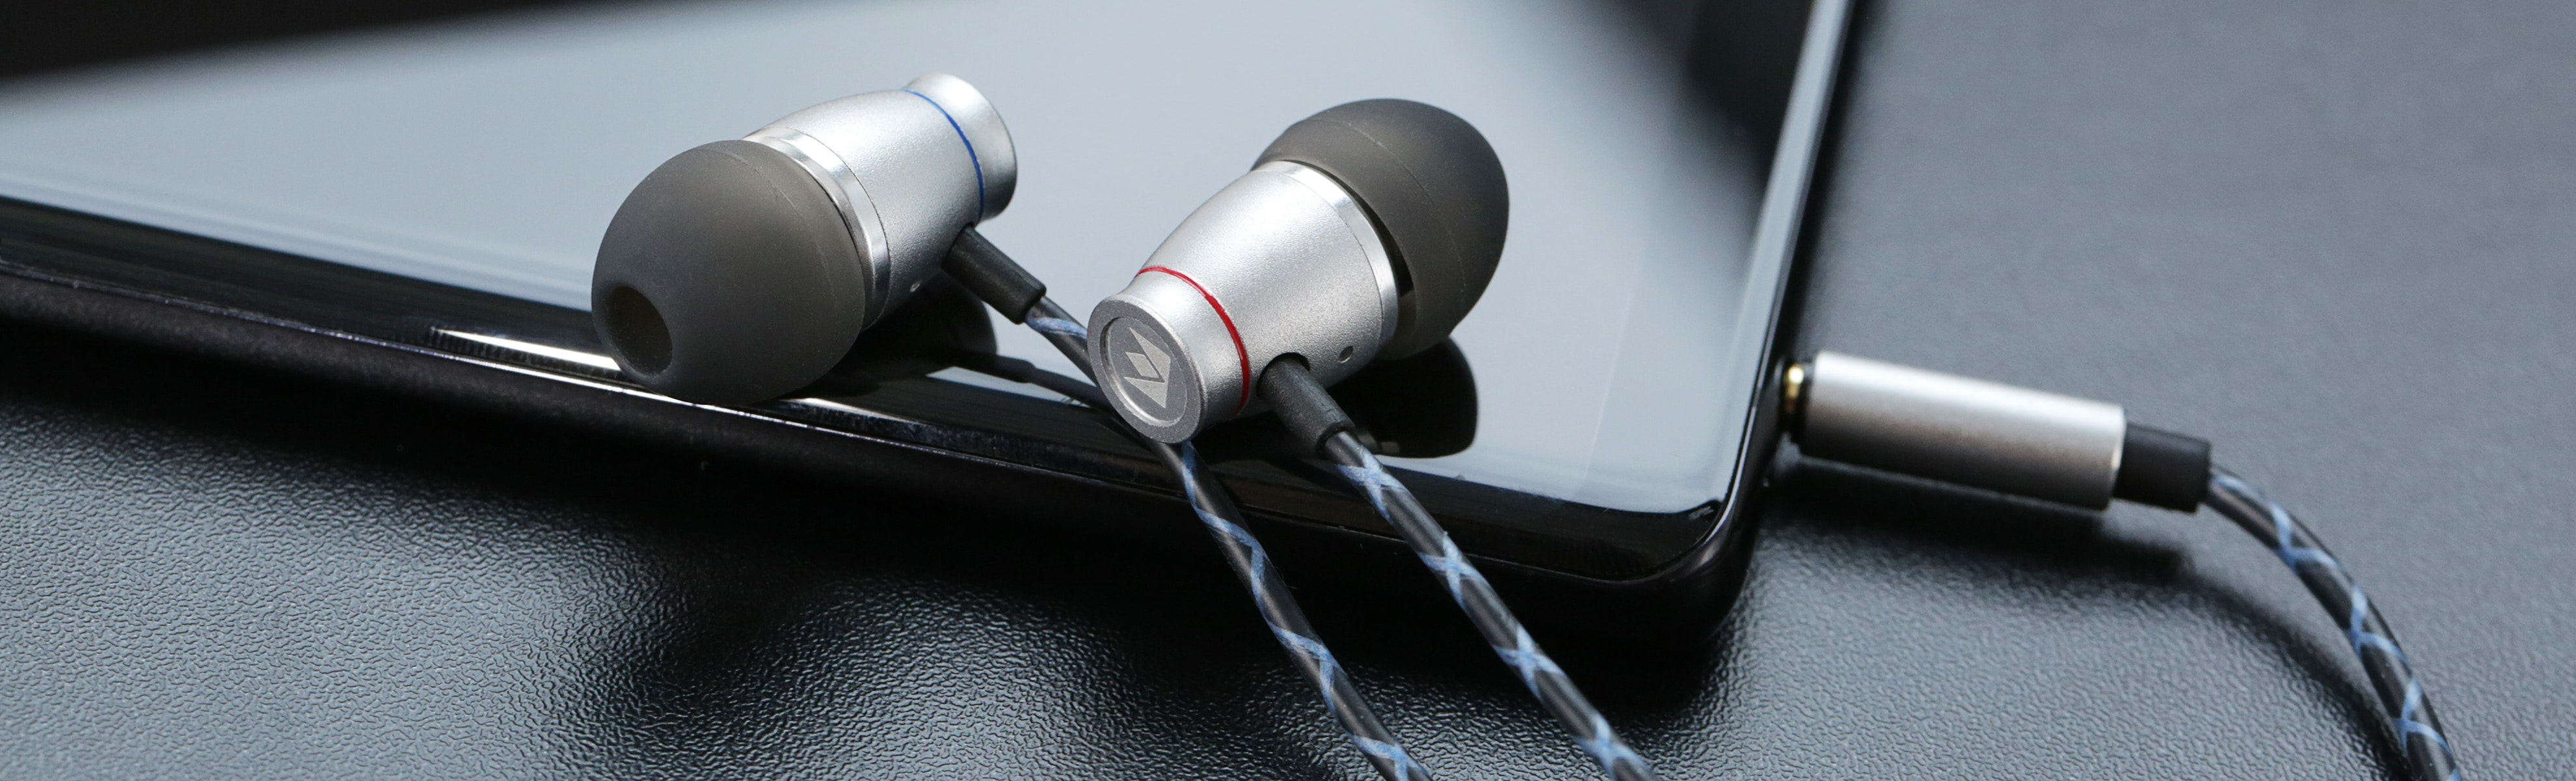 Massdrop x Noble Luxe In-Ear Monitors